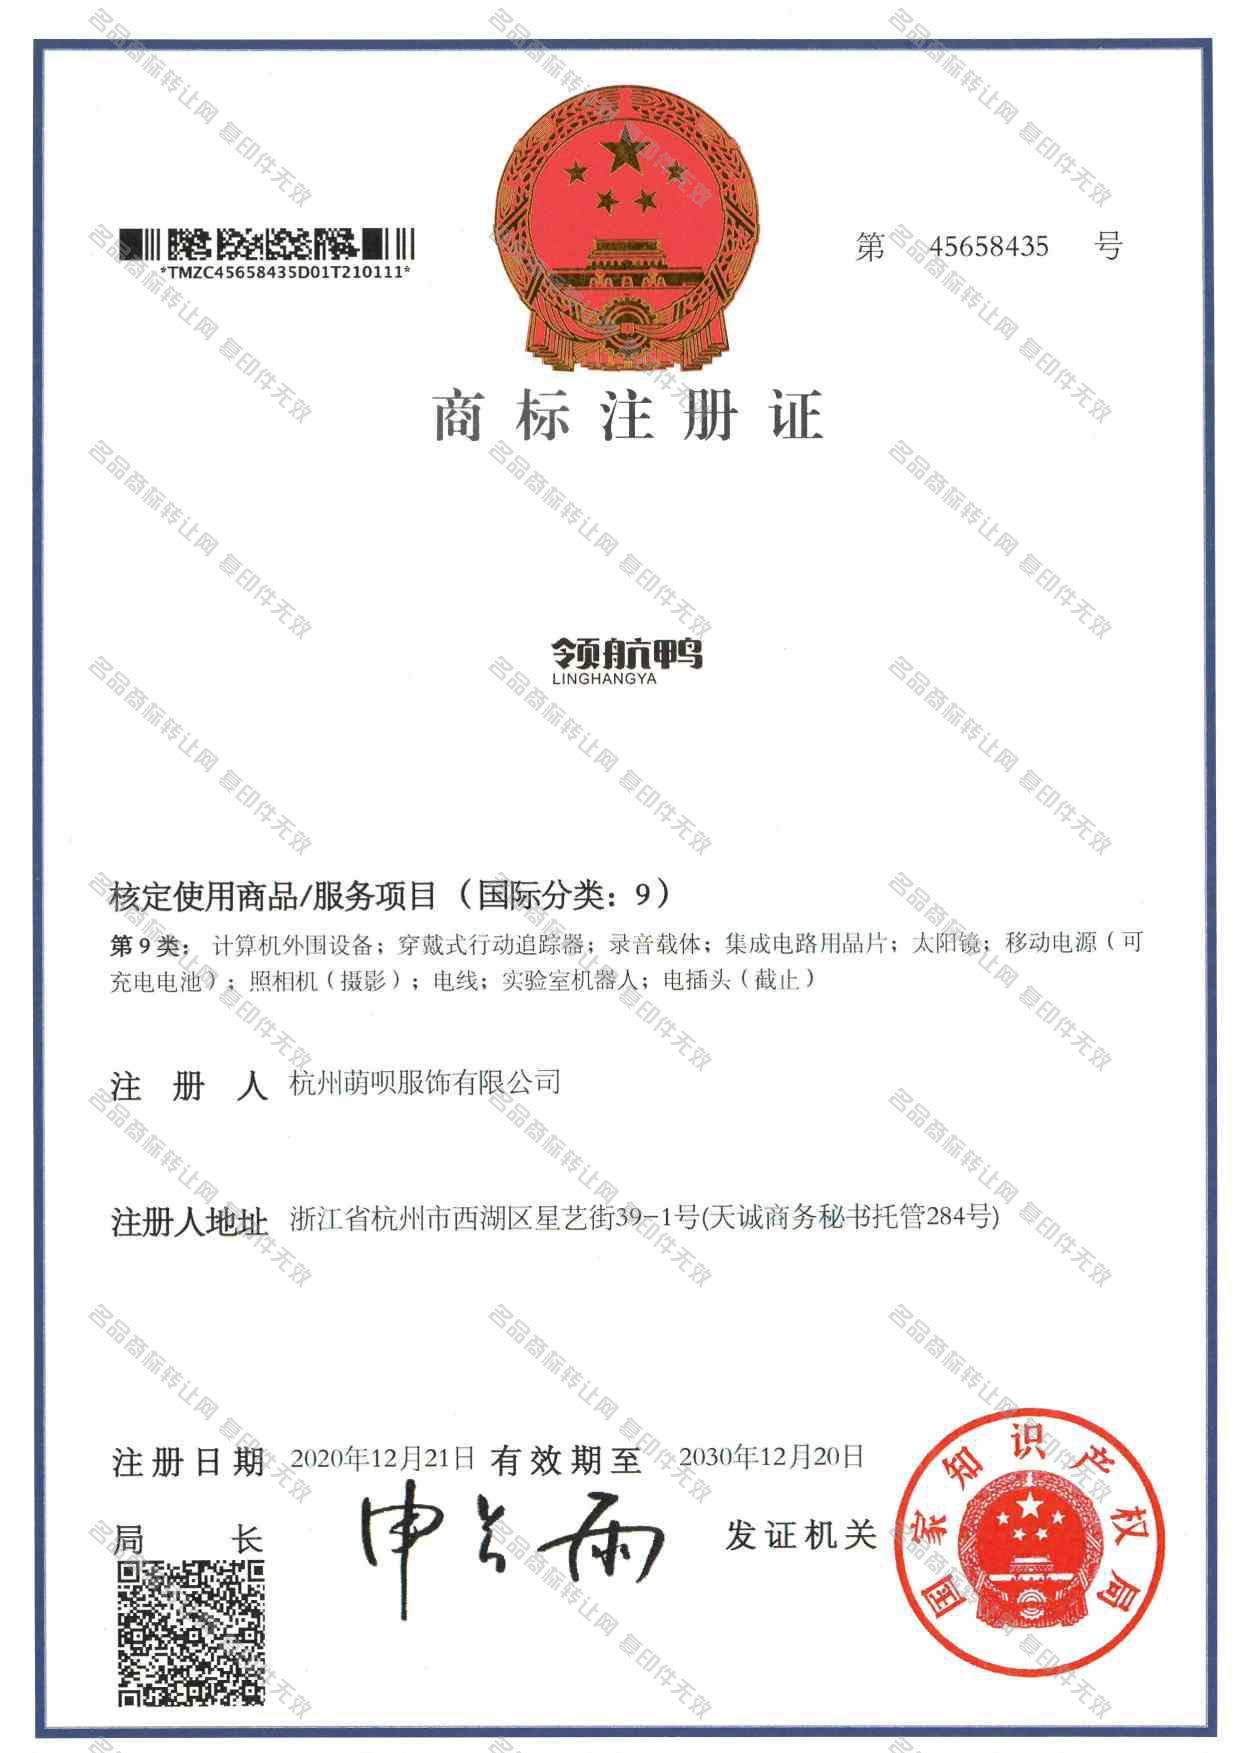 领航鸭;LINGHANGYA注册证